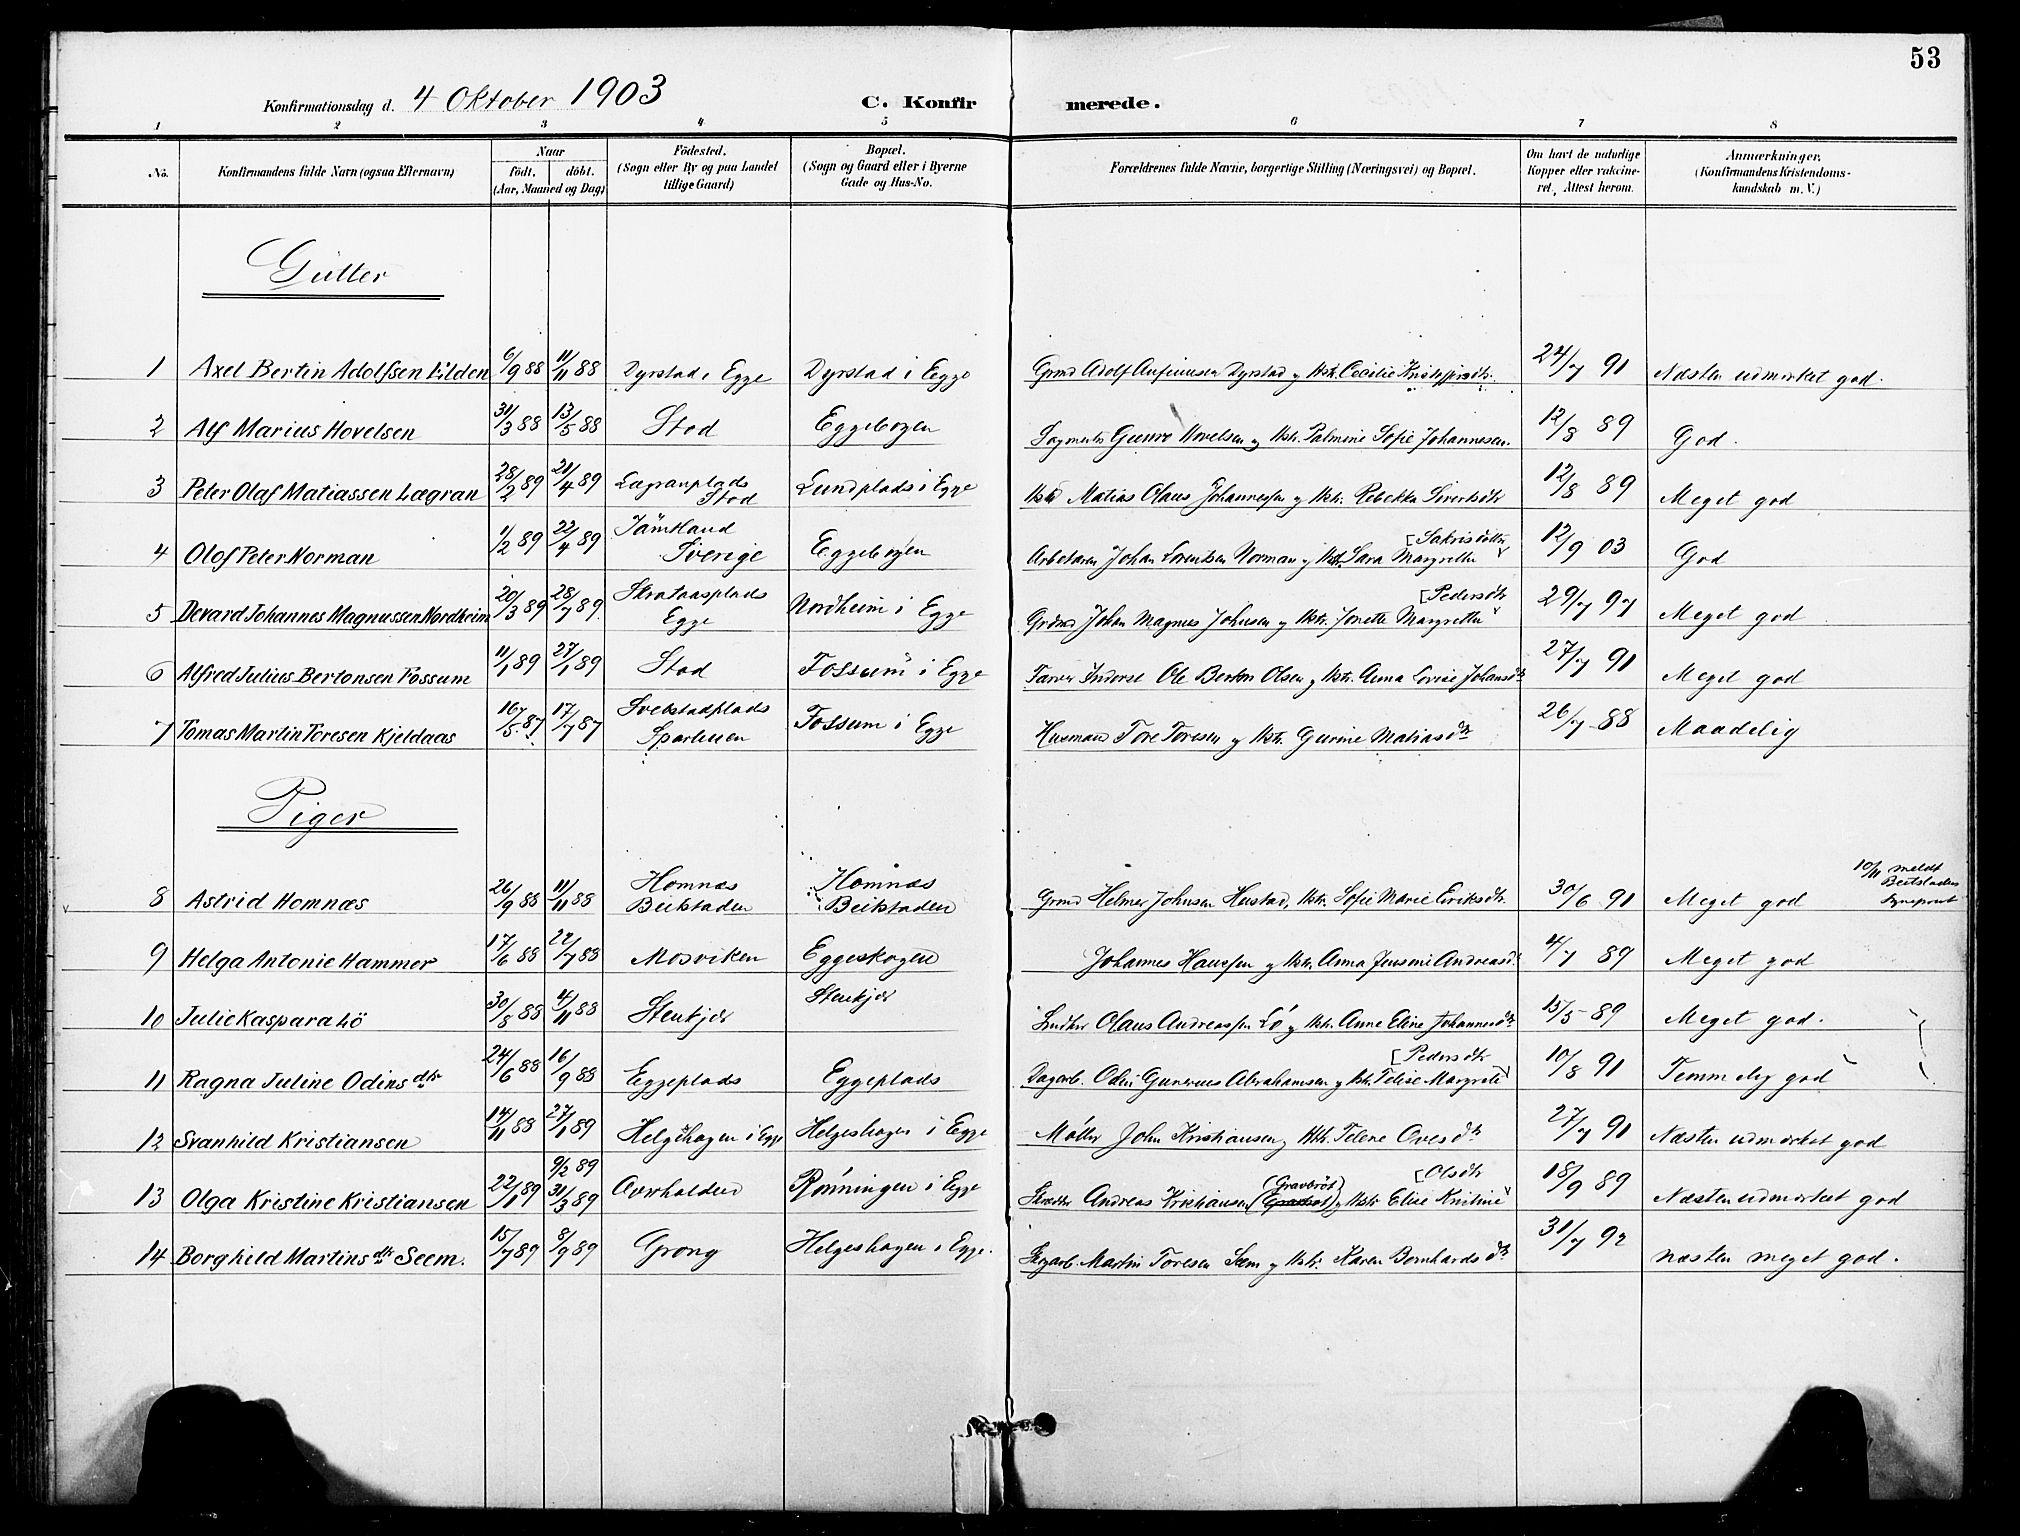 SAT, Ministerialprotokoller, klokkerbøker og fødselsregistre - Nord-Trøndelag, 740/L0379: Ministerialbok nr. 740A02, 1895-1907, s. 53